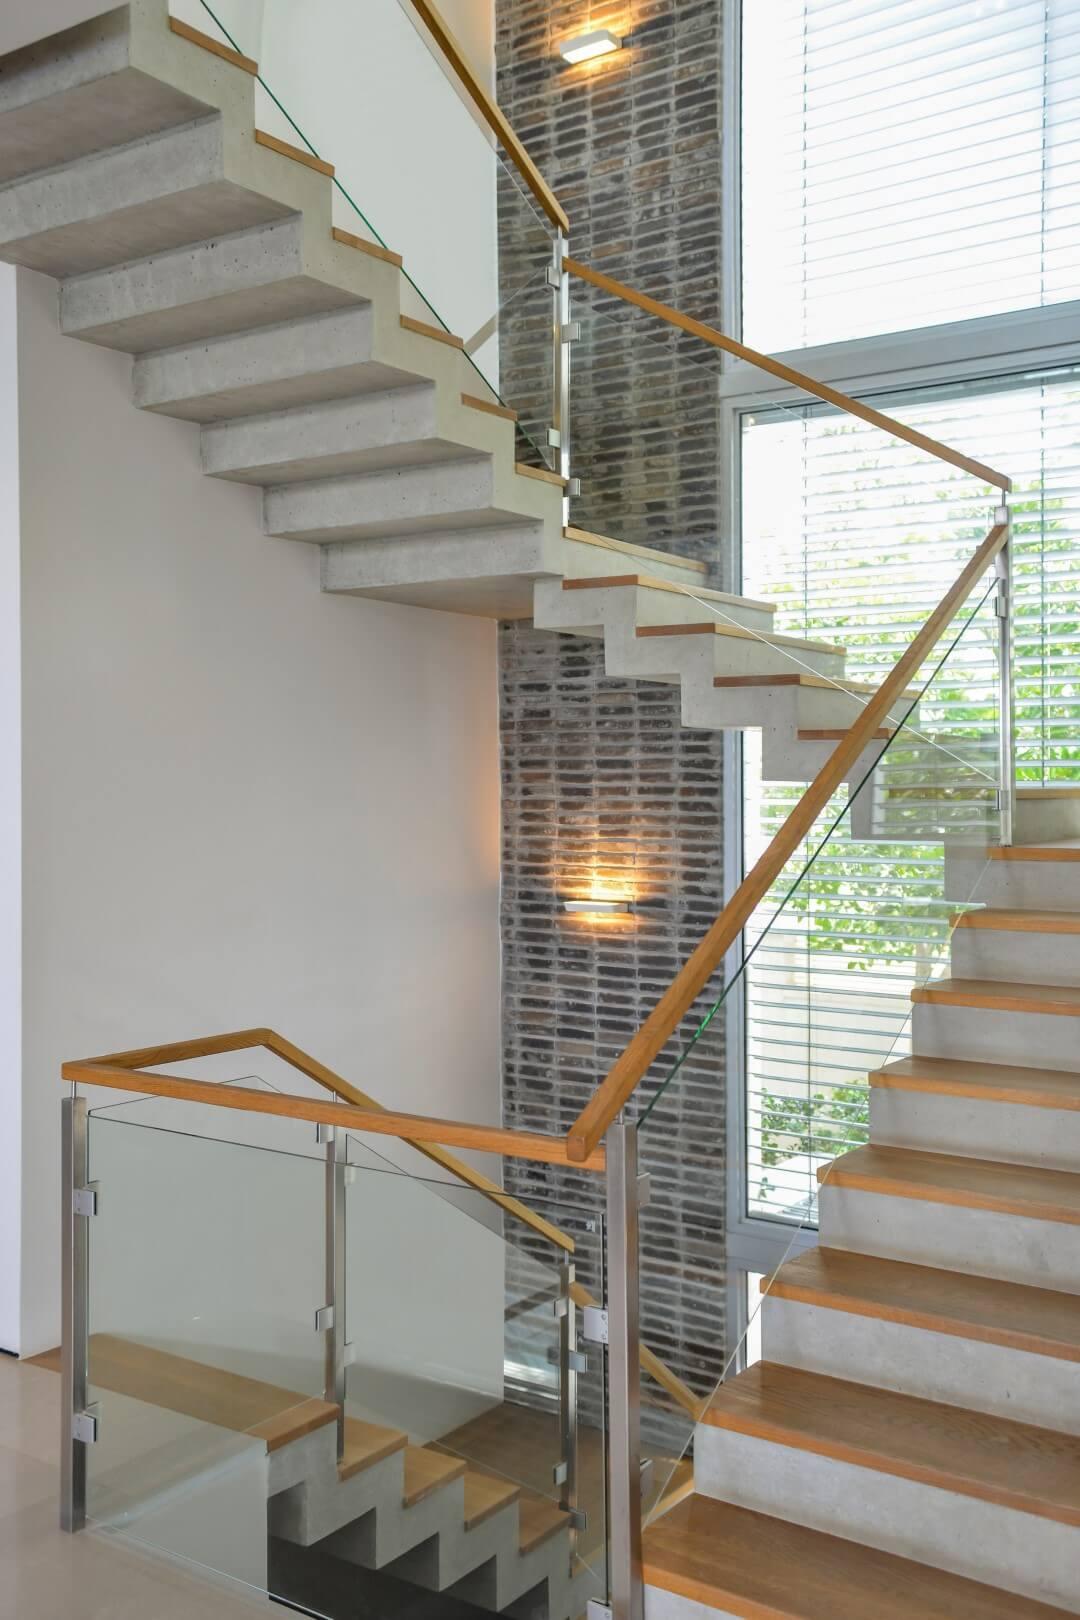 ארבעה גרמי מדרגות עץ אלון אמריקאי עם מעקה זכוכית ומאחז יד מעץ בצמוד לחלון ויטרינה עצום